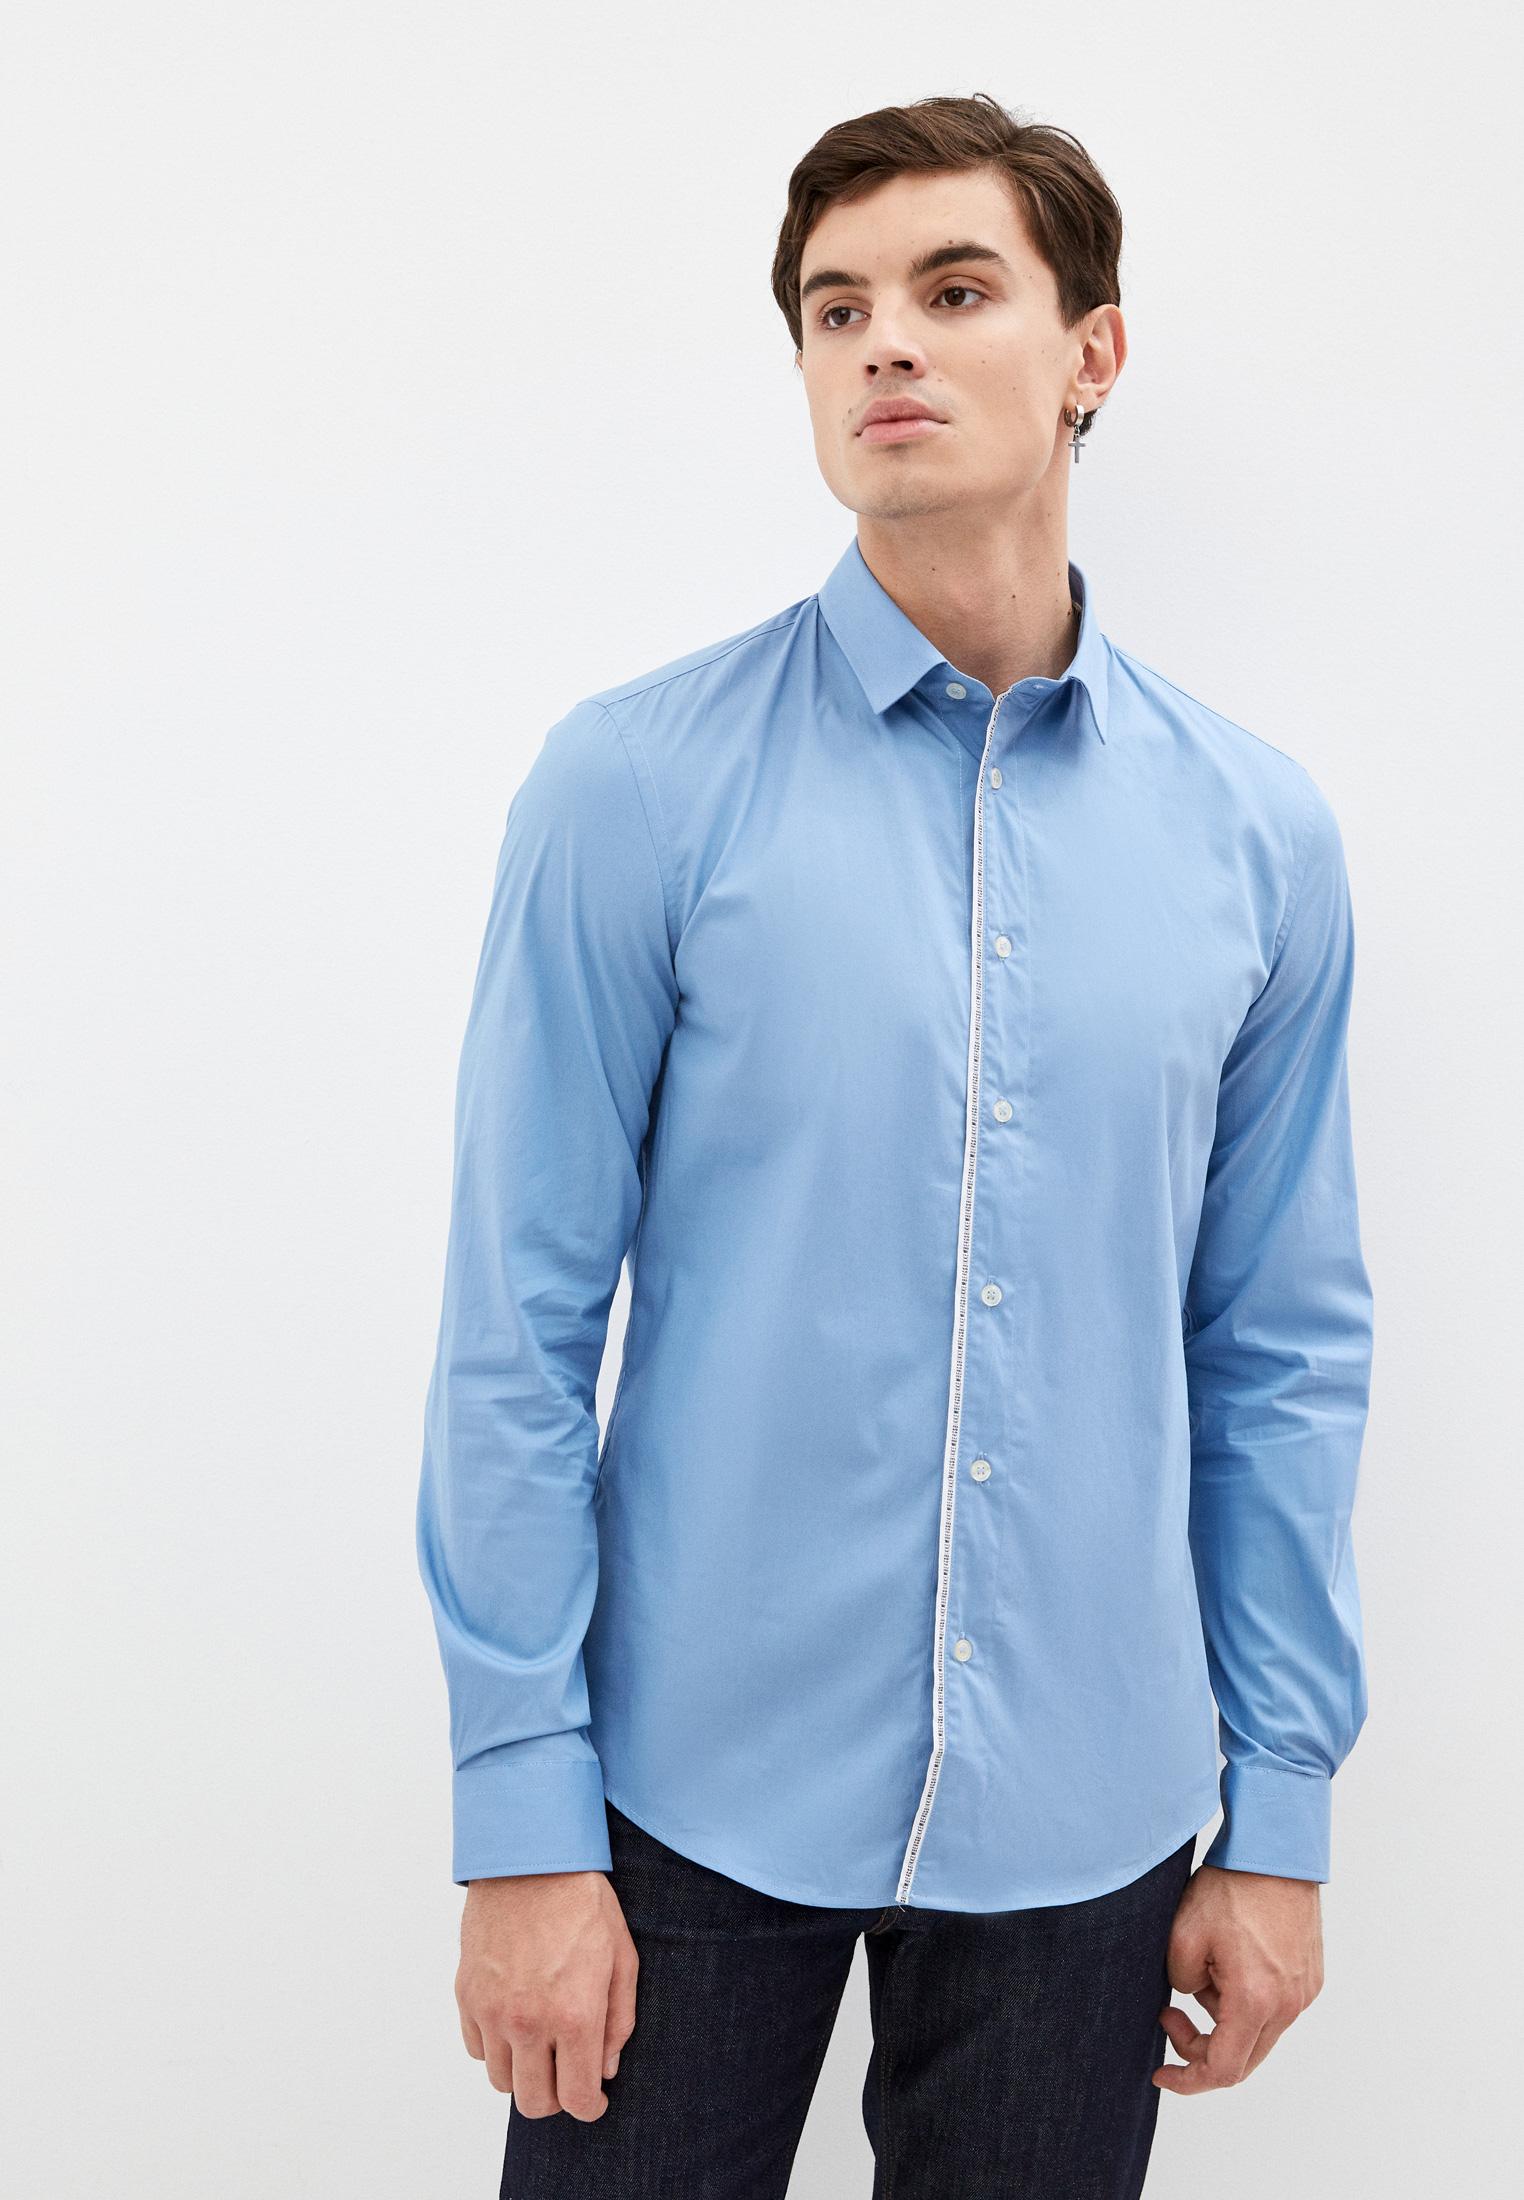 Рубашка с длинным рукавом Bikkembergs (Биккембергс) C C 072 00 S 2931